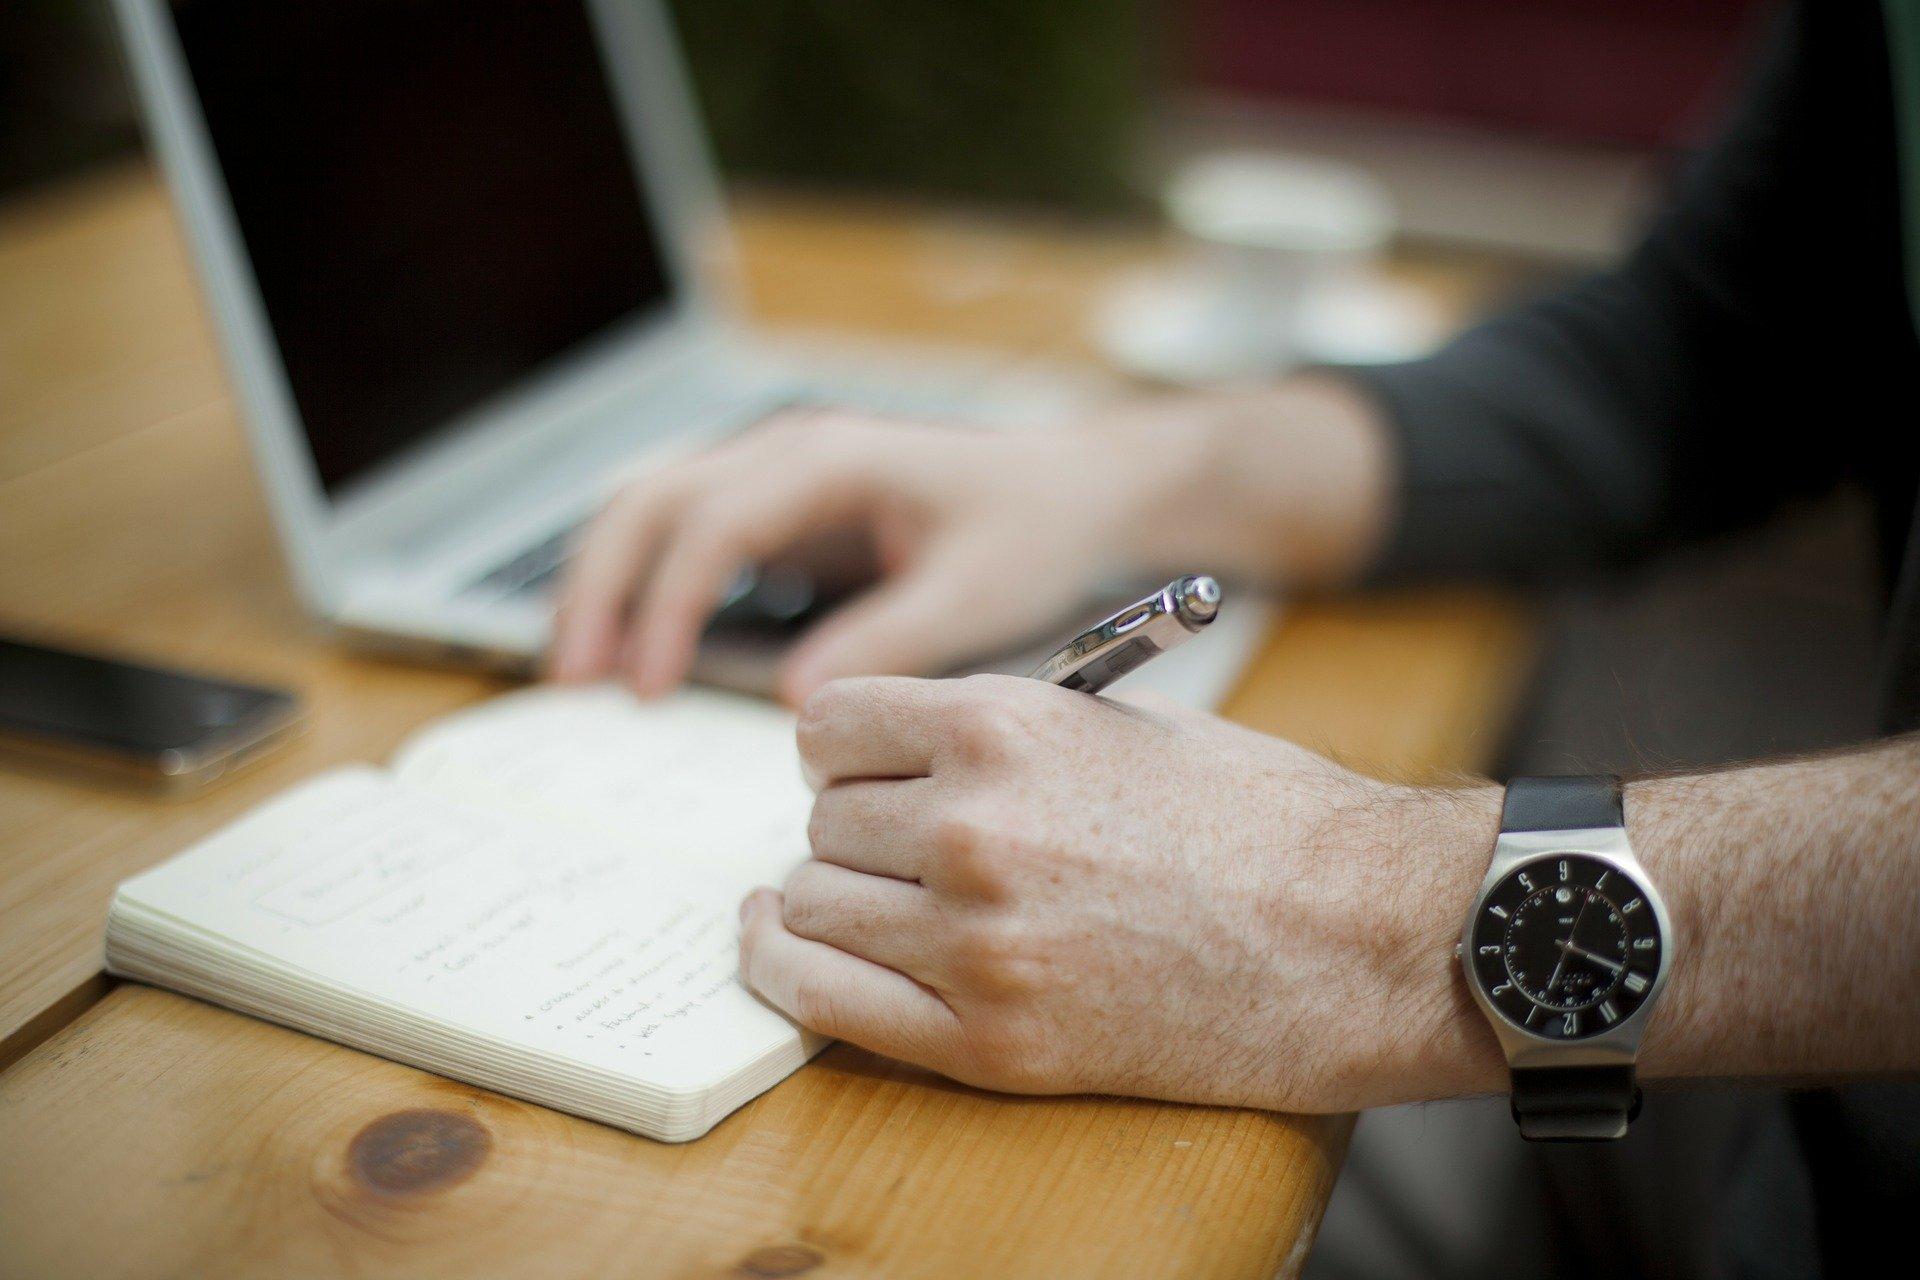 Processus administratifs : Comment optimiser votre temps ?